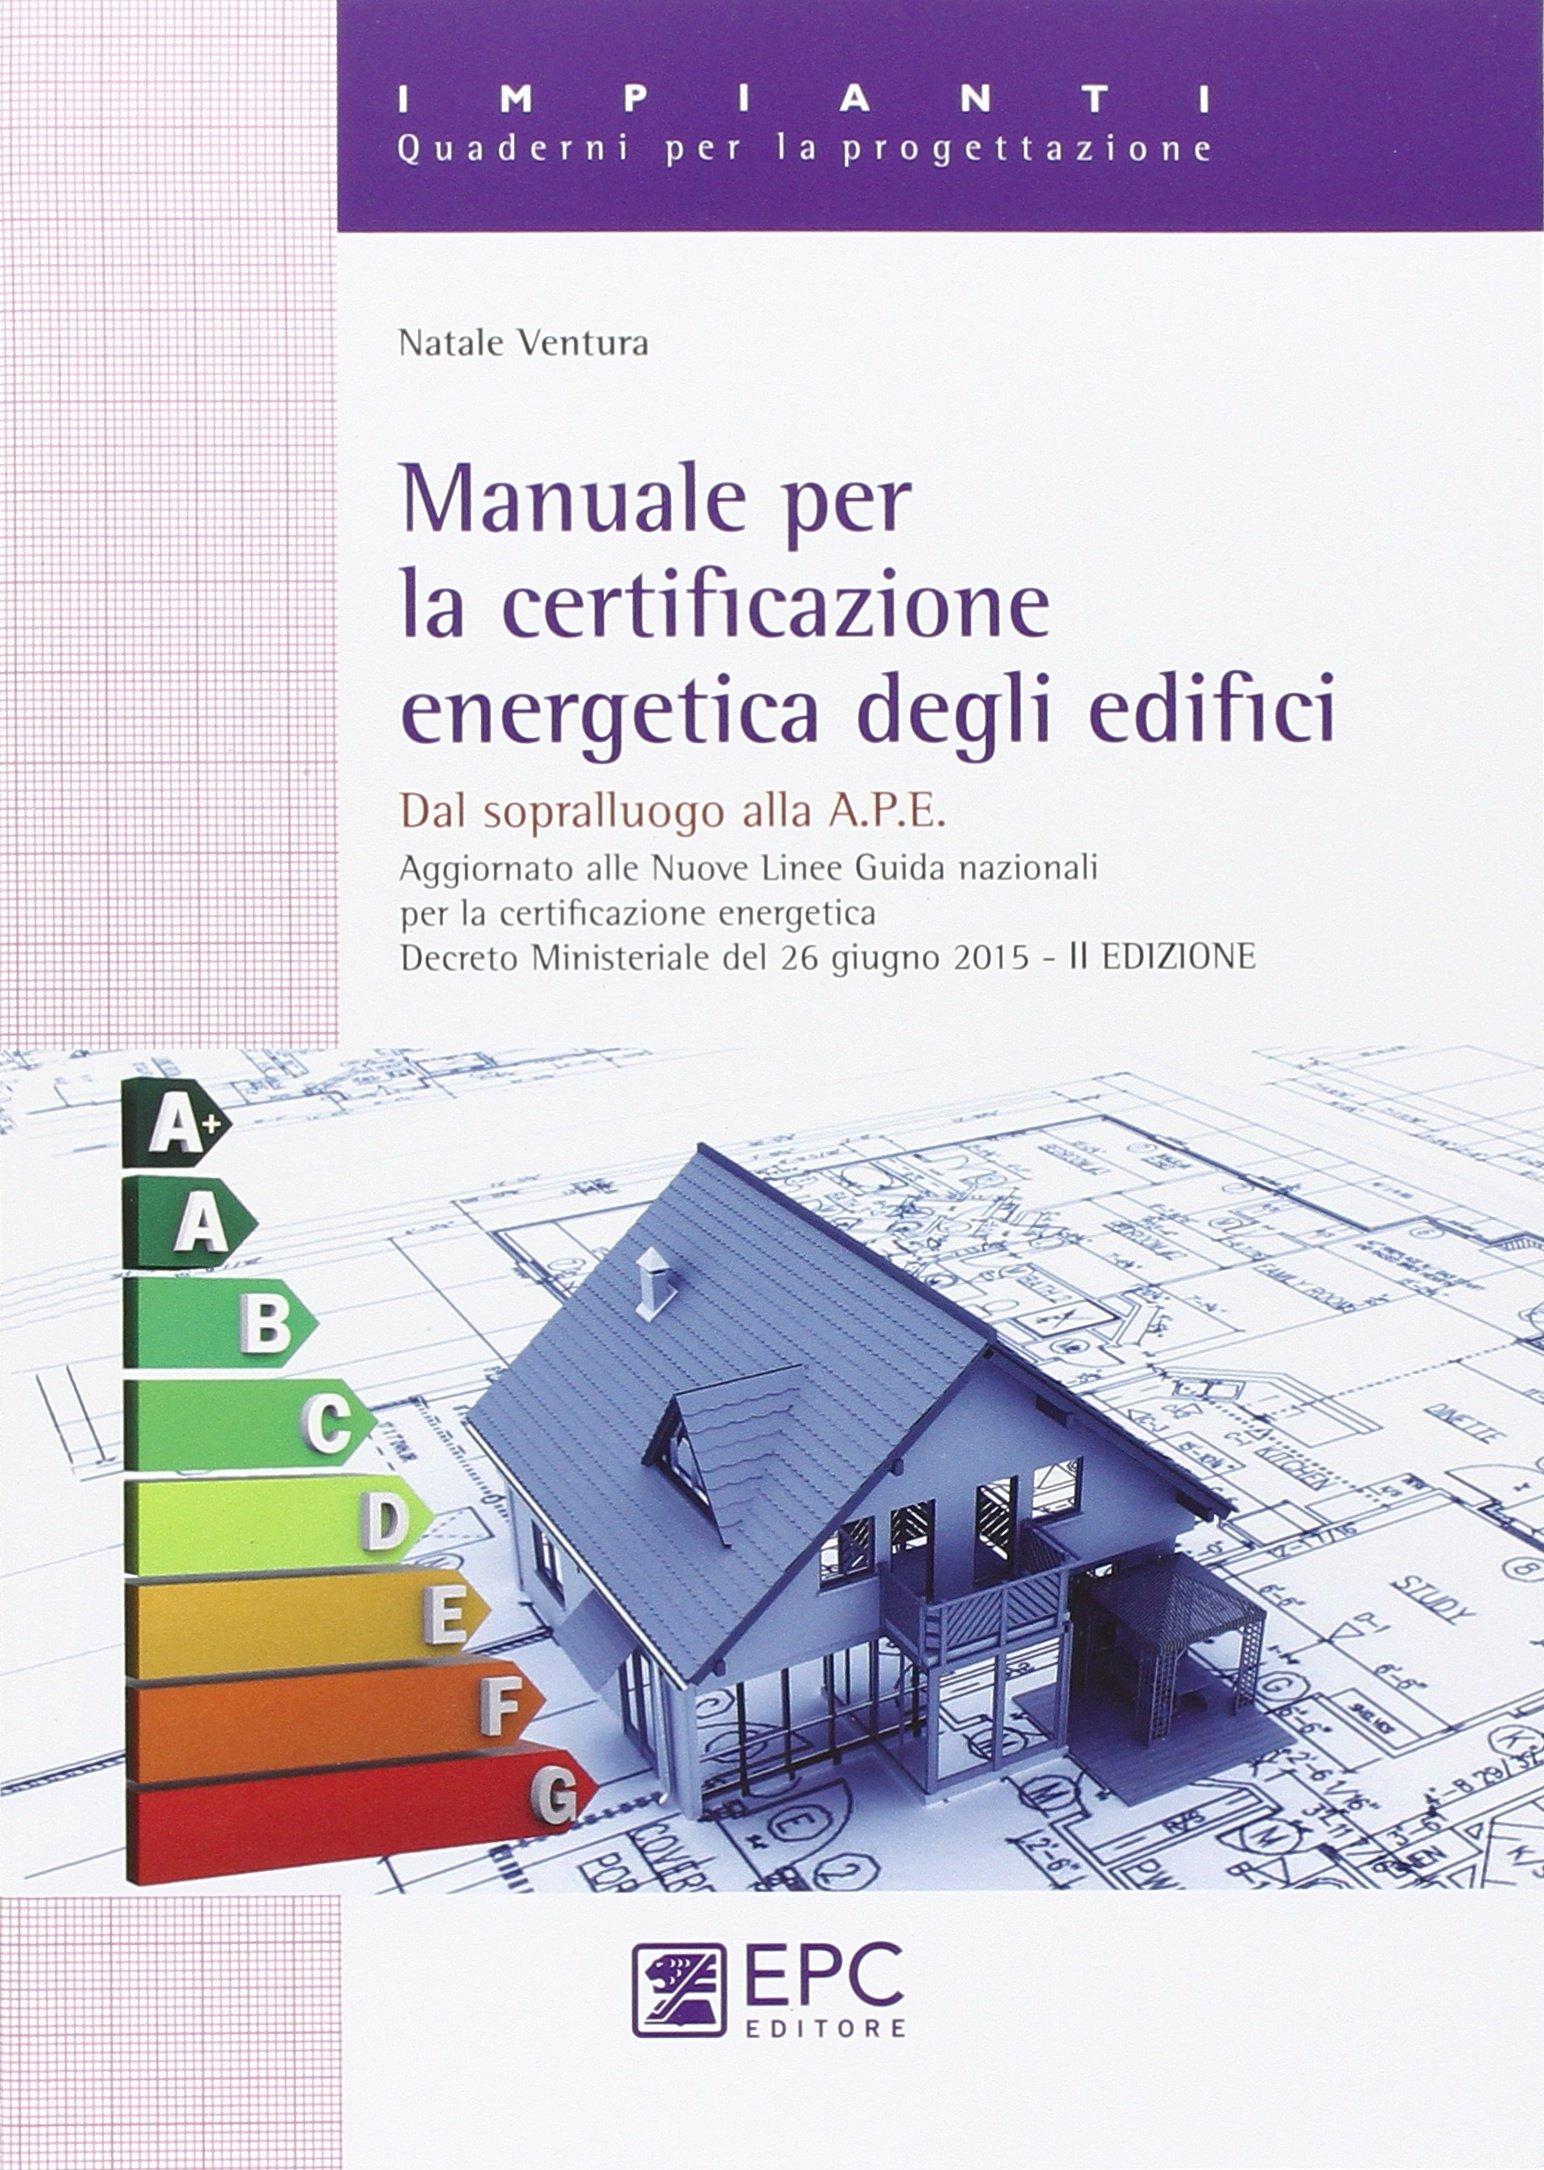 Amazon.it: Manuale per la certificazione energetica degli edifici - Natale  Ventura - Libri